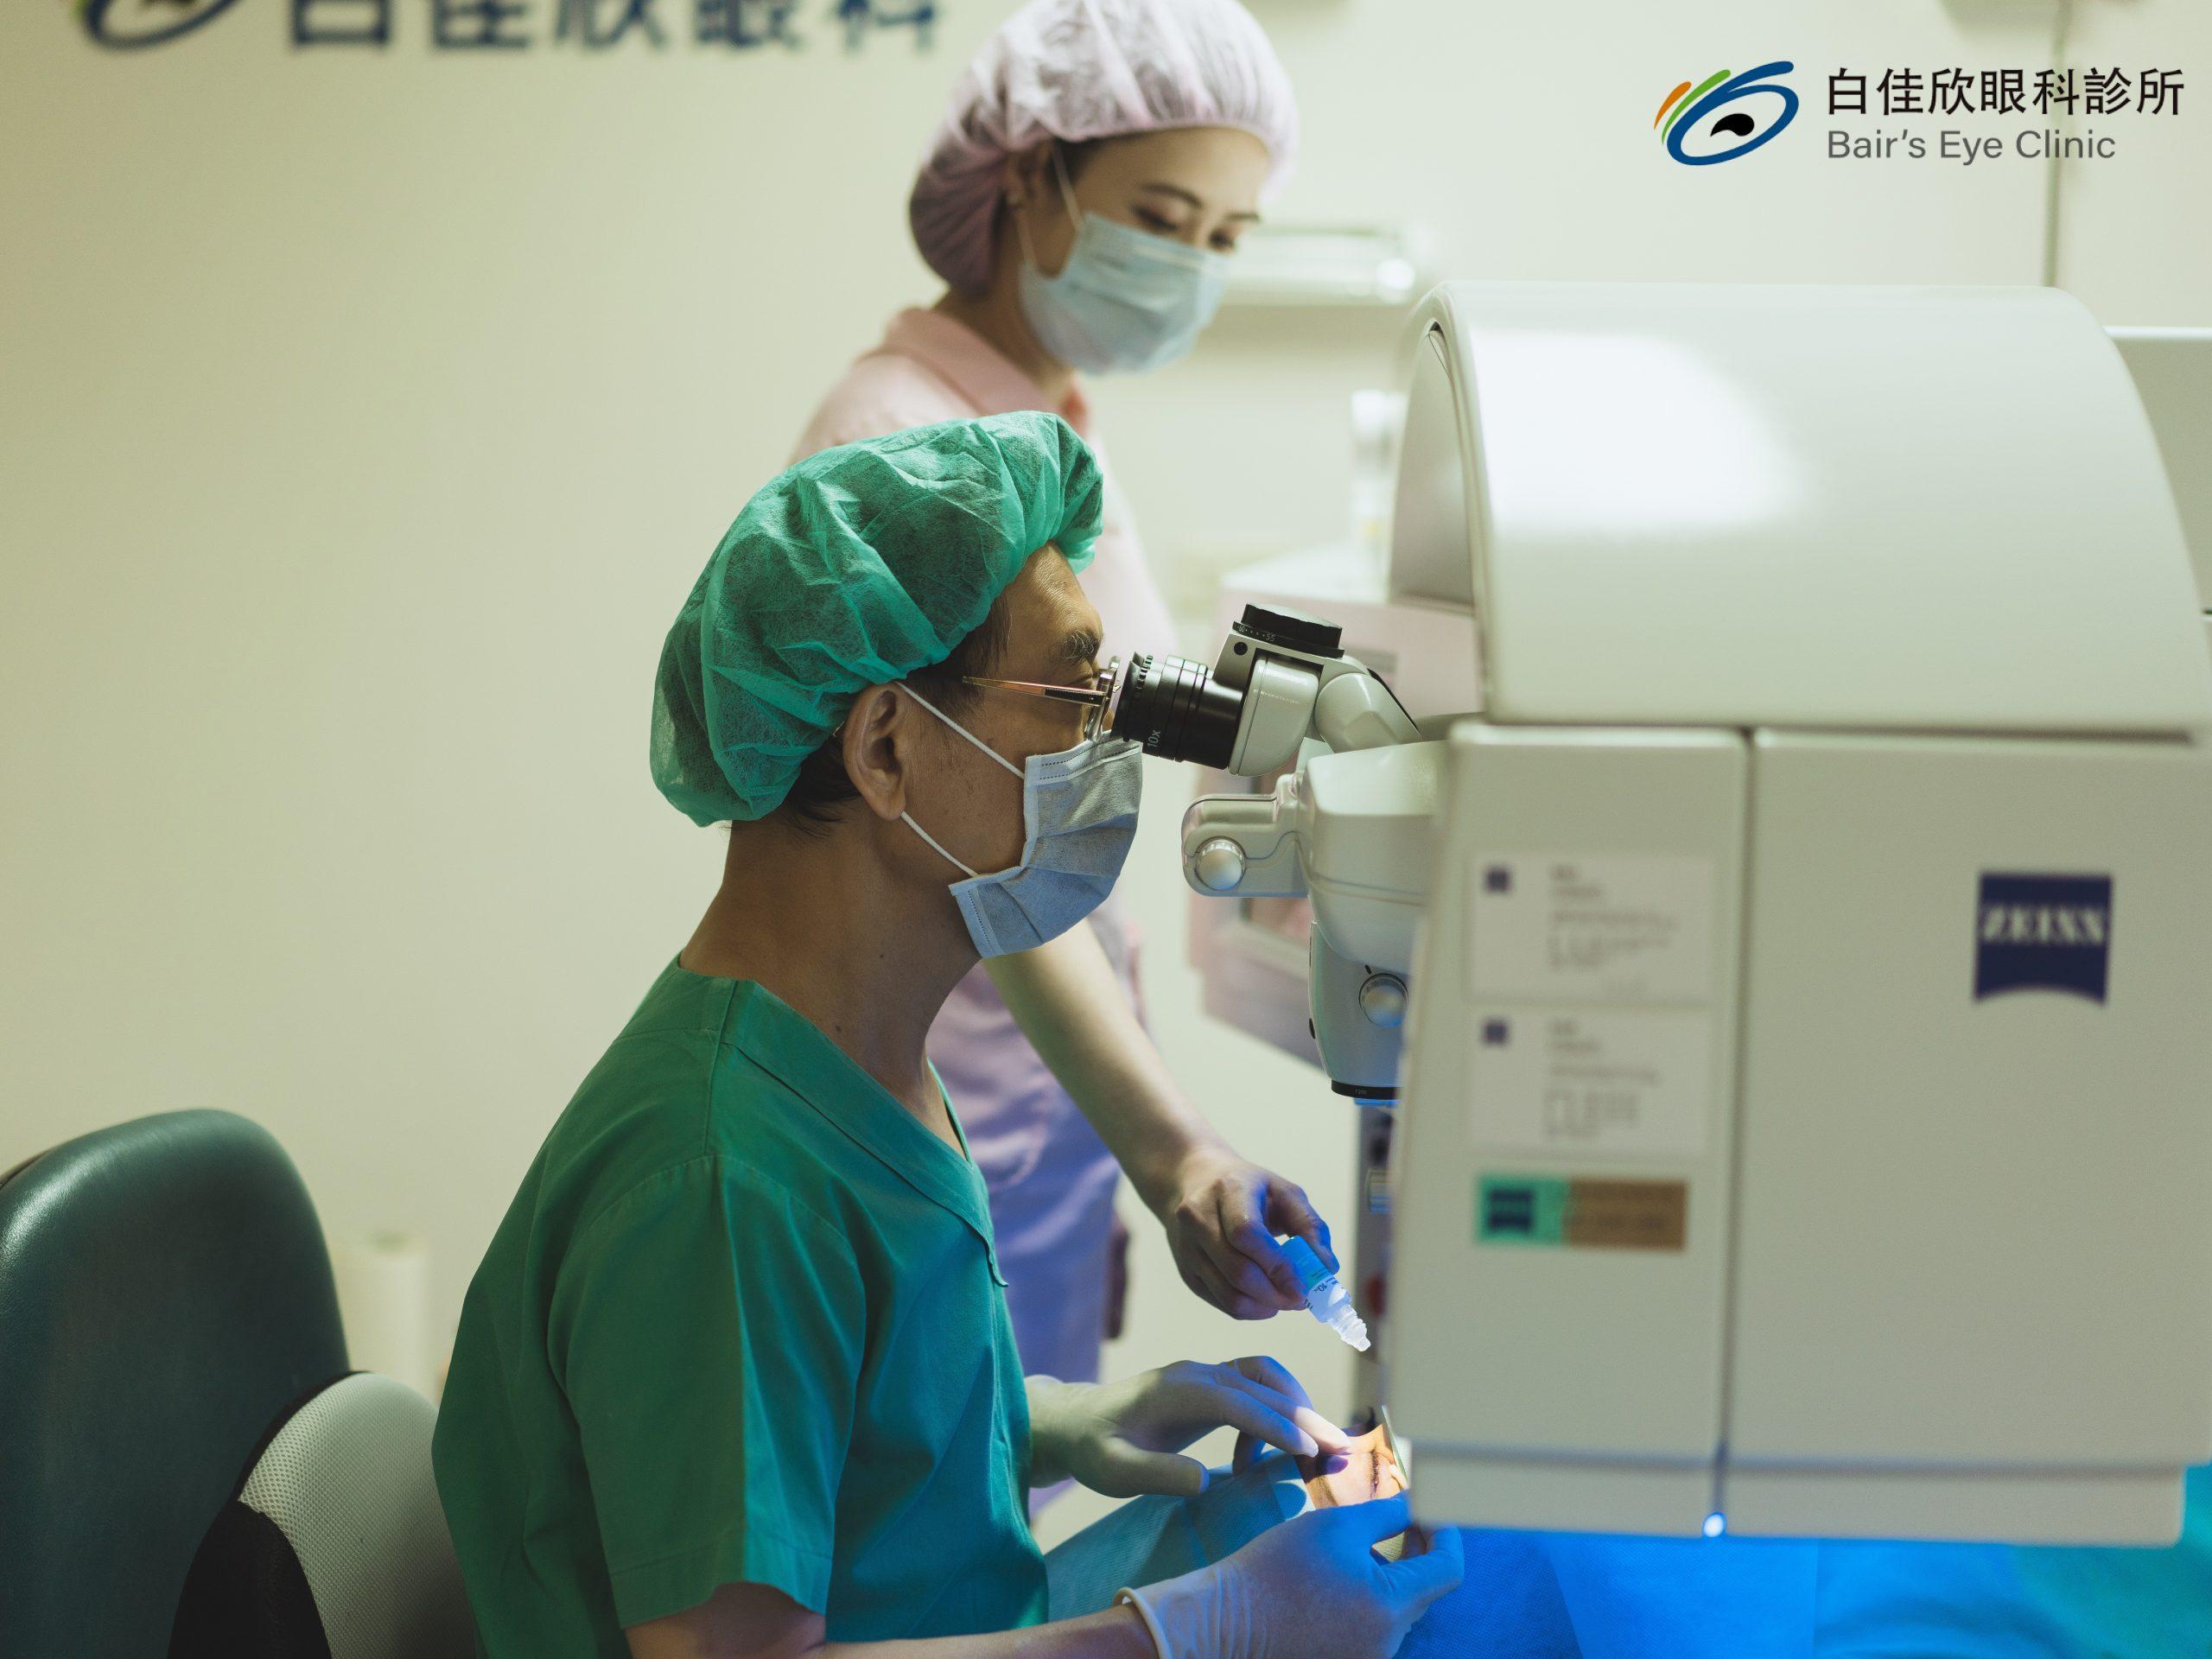 台中白佳欣眼科診所近視雷射手術過程